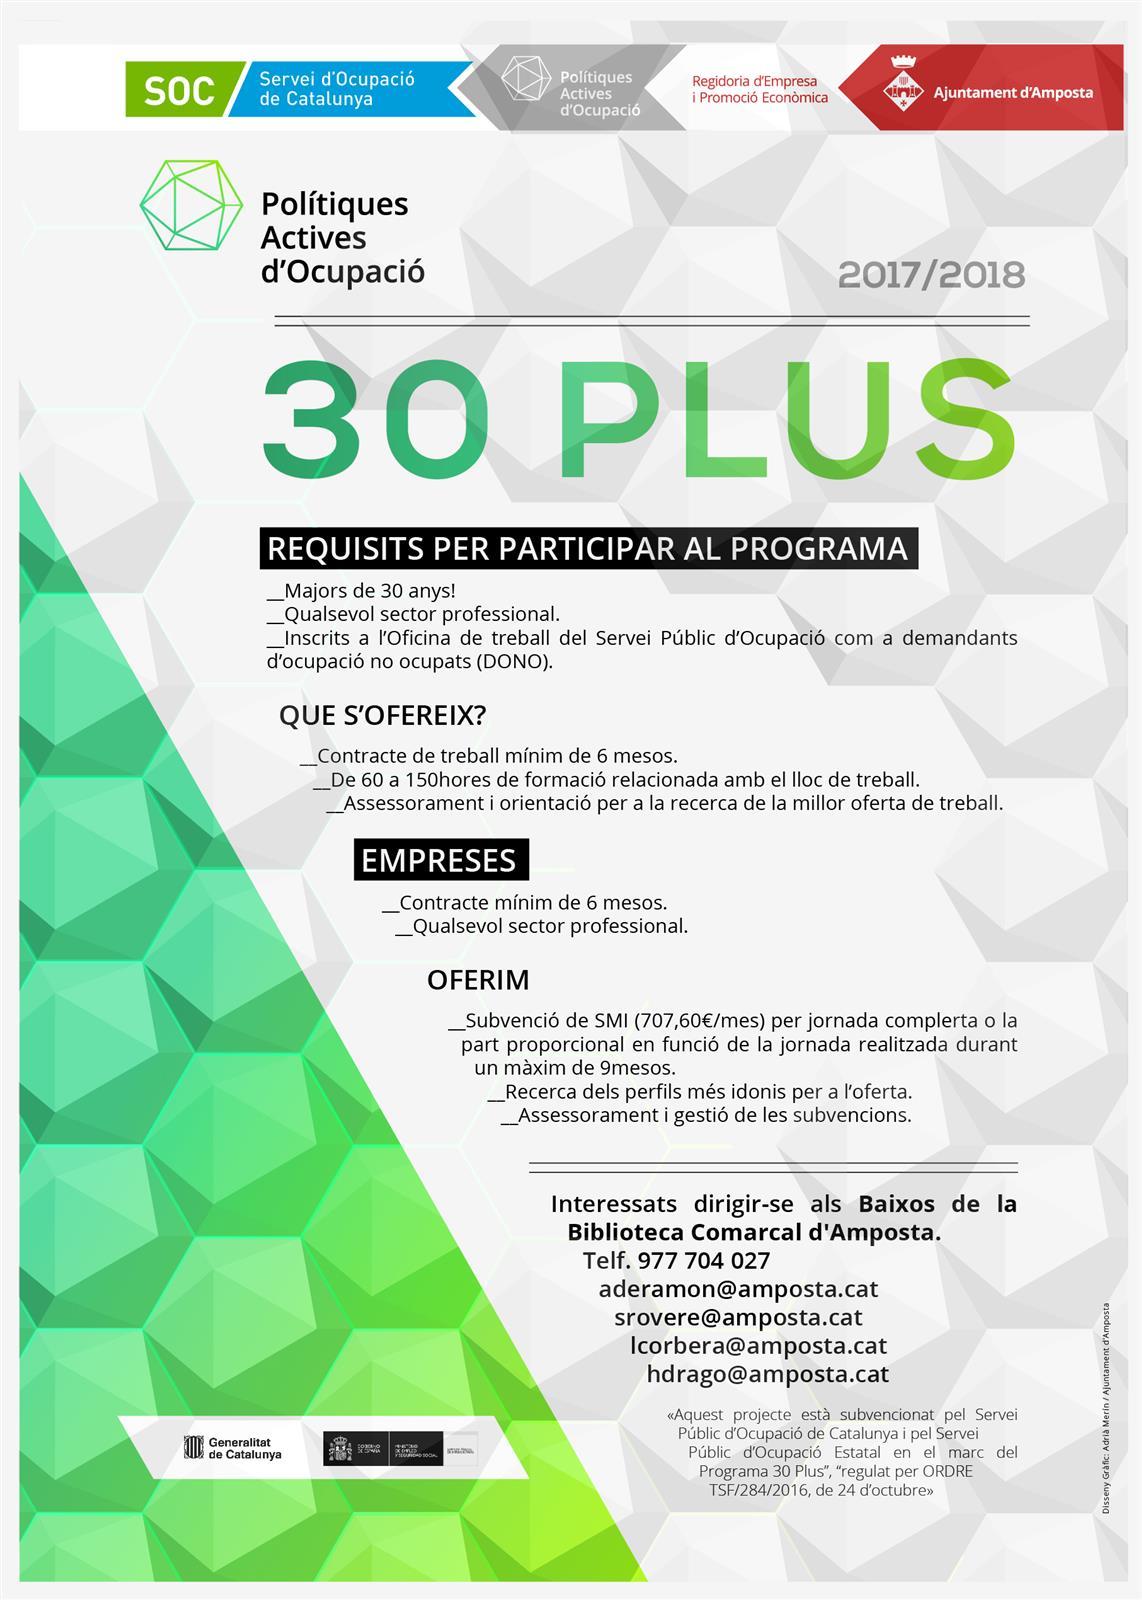 Ajuntament d´Amposta > Comunicació > El Programa 30 Plus oferirà 40 llocs de treball per a persones majors de 30 anys